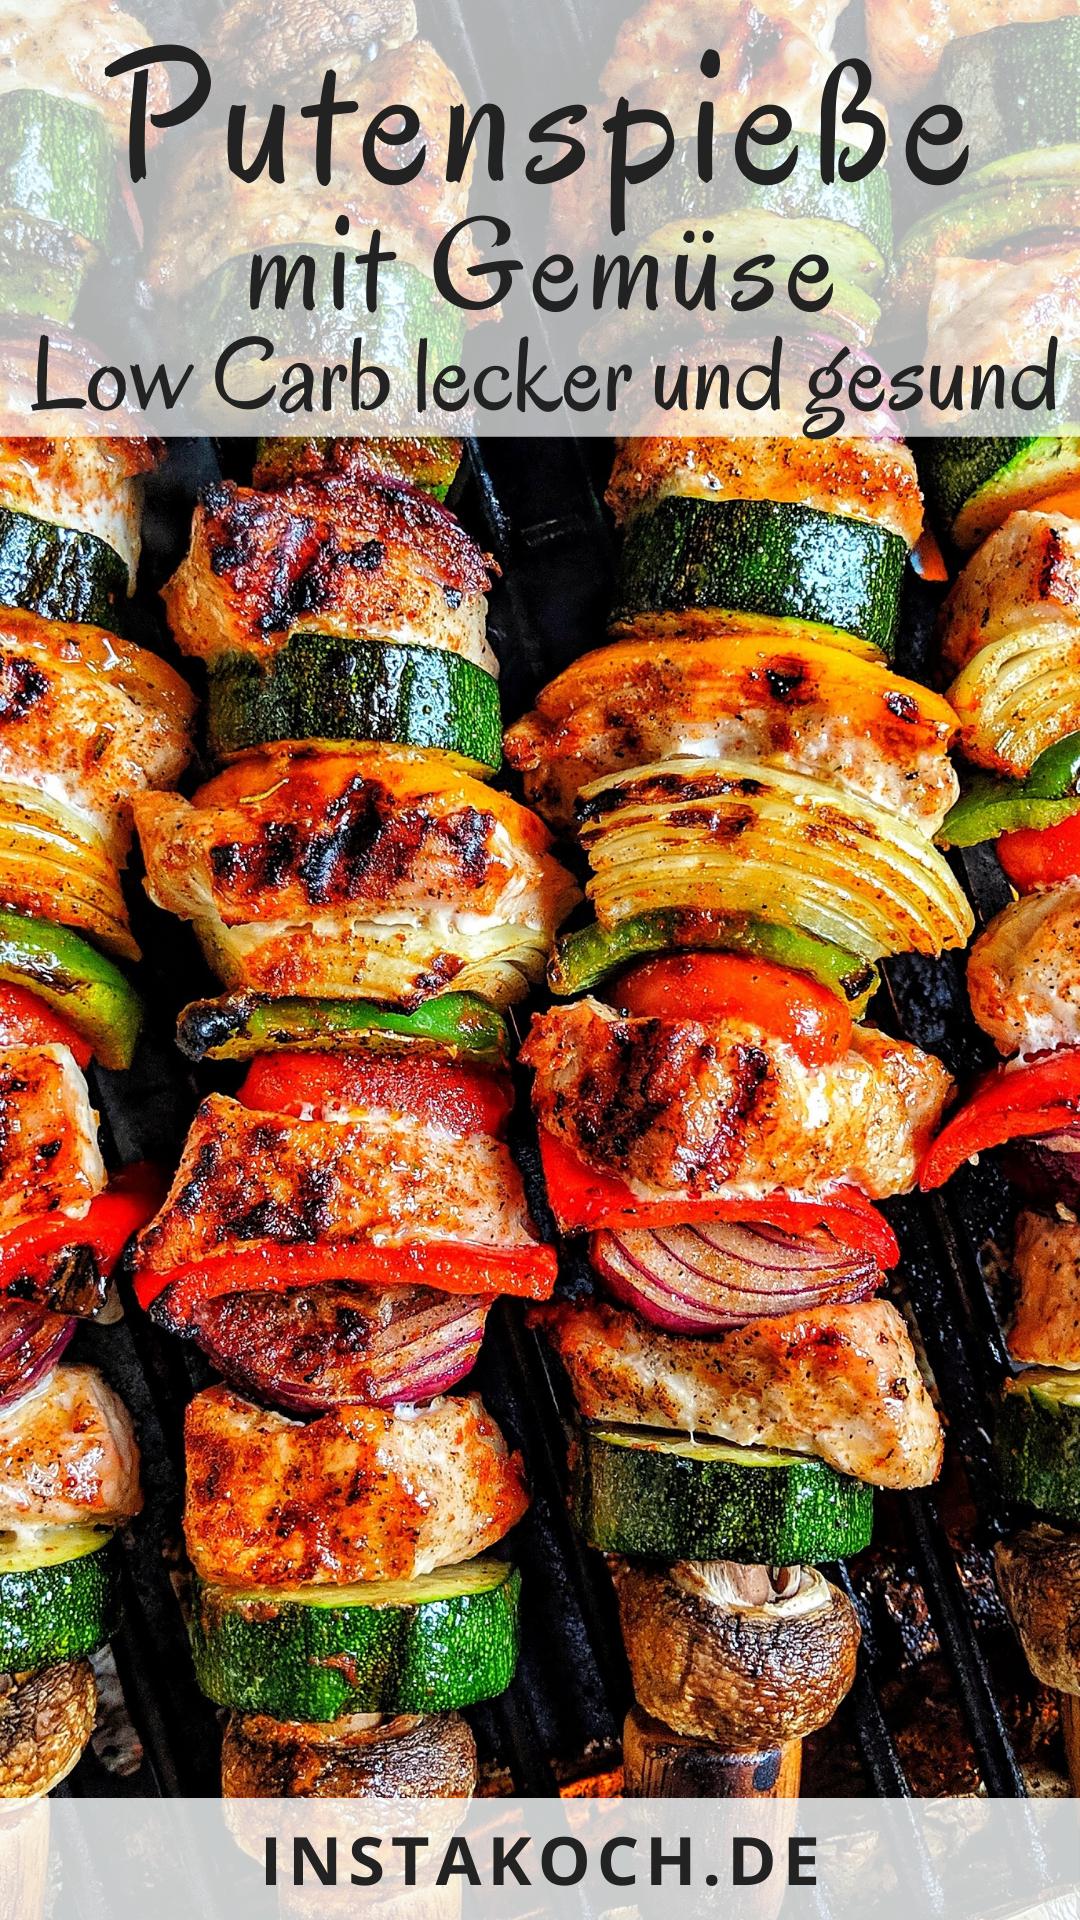 Low Carb Putenspieße mit Gemüse - Gesund und lecker - Für Grill oder Pfanne